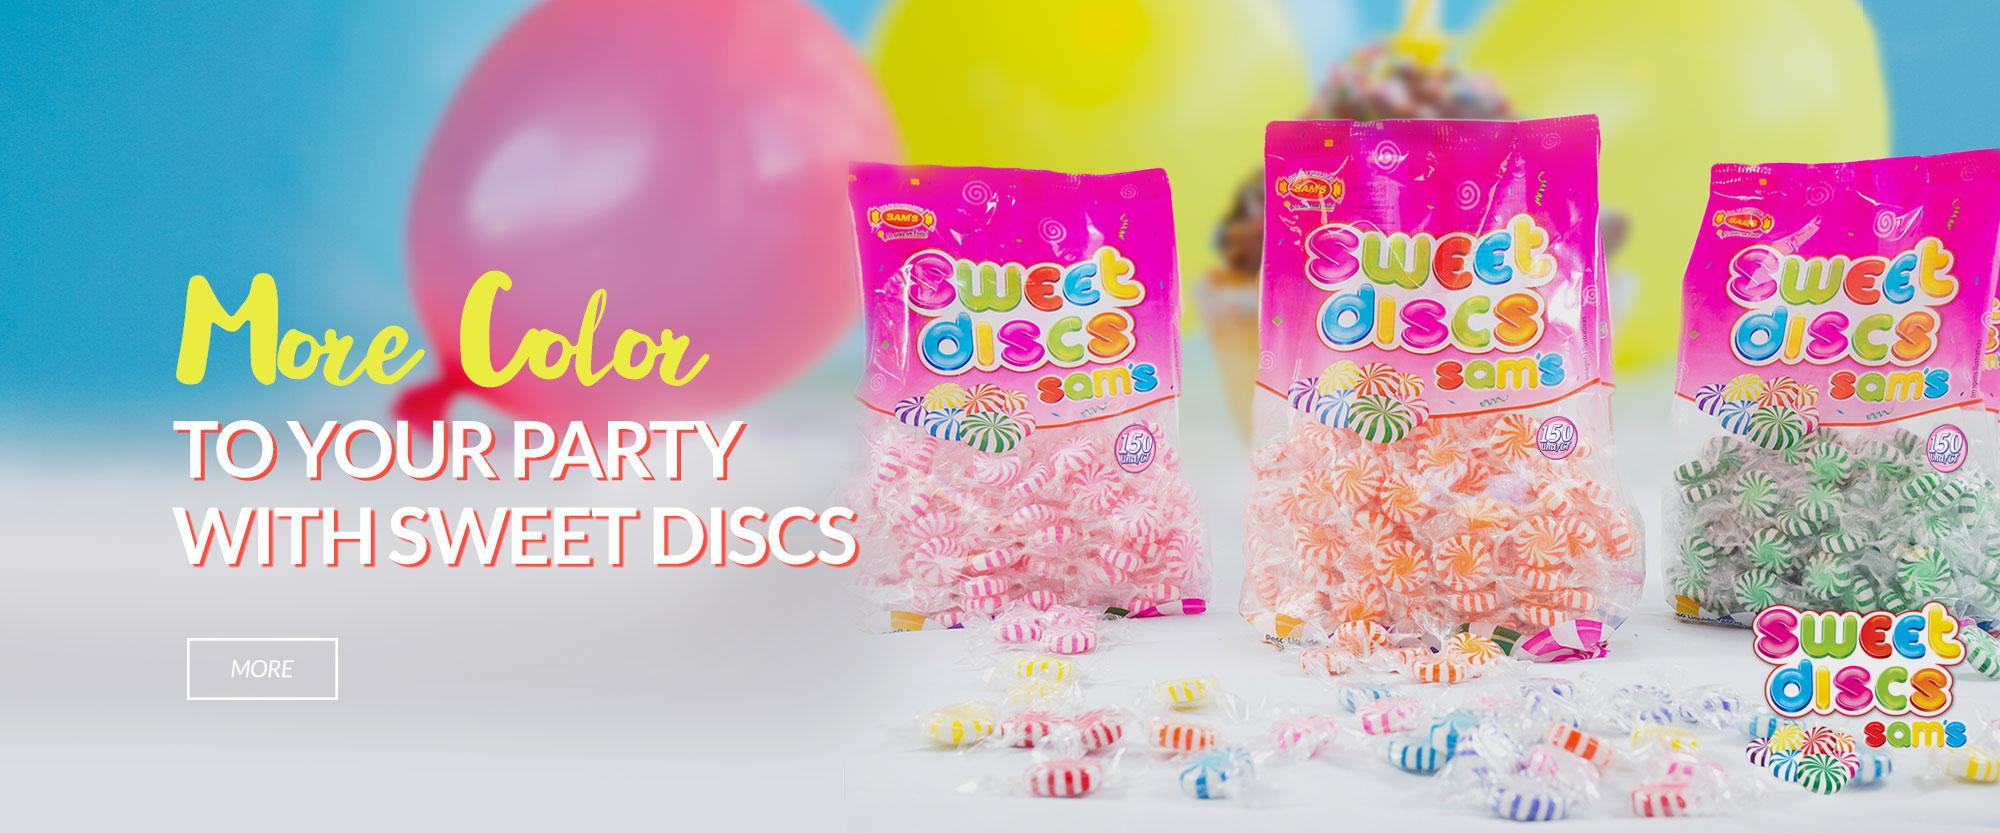 Sweet Discs Ingles